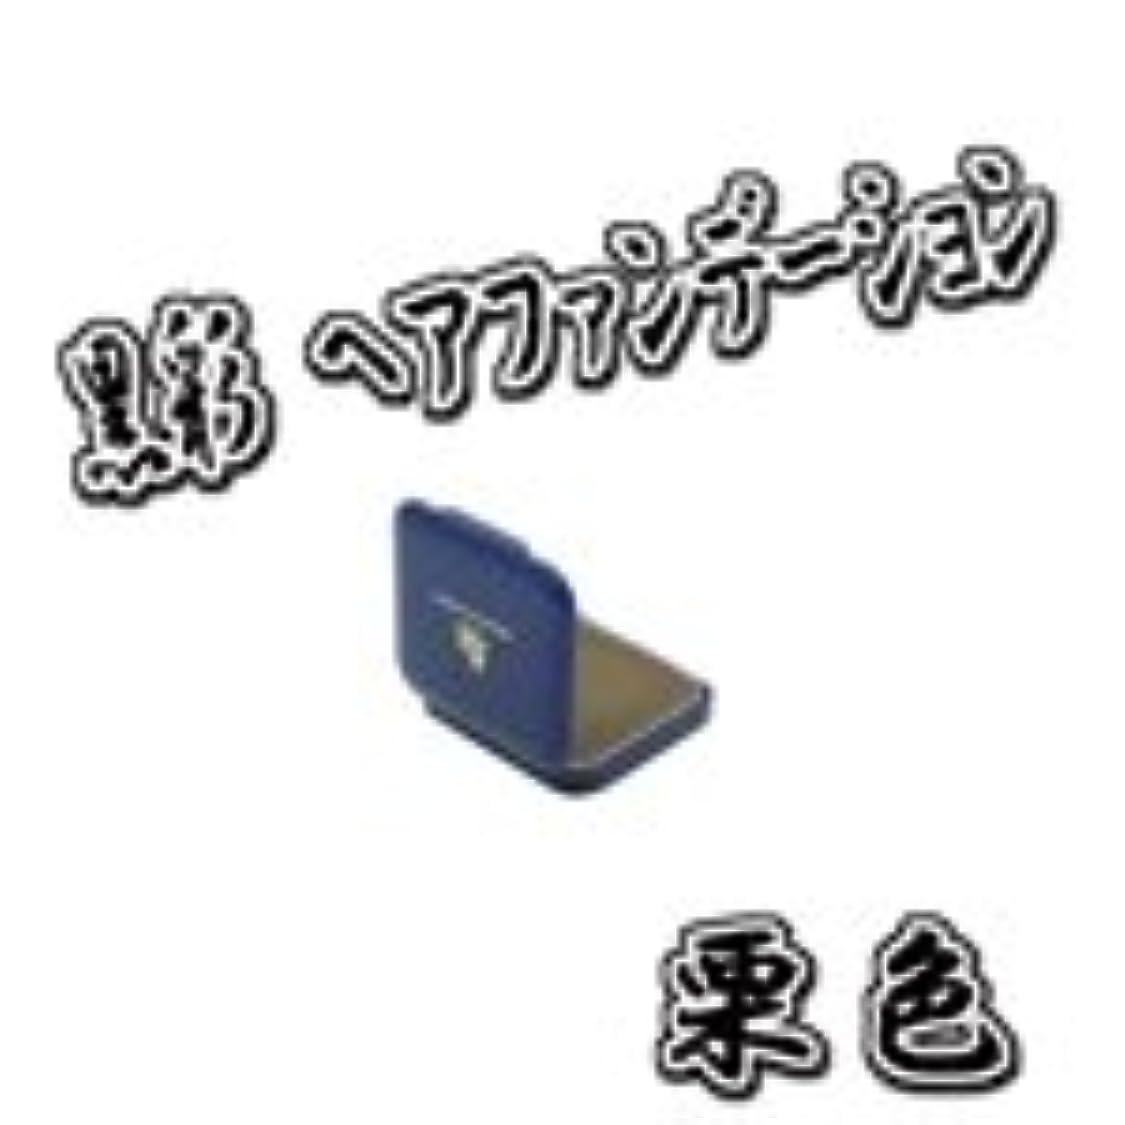 AMOROS アモロス 黒彩 ヘアファンデーション 【栗】 13g ミニケース パフ付